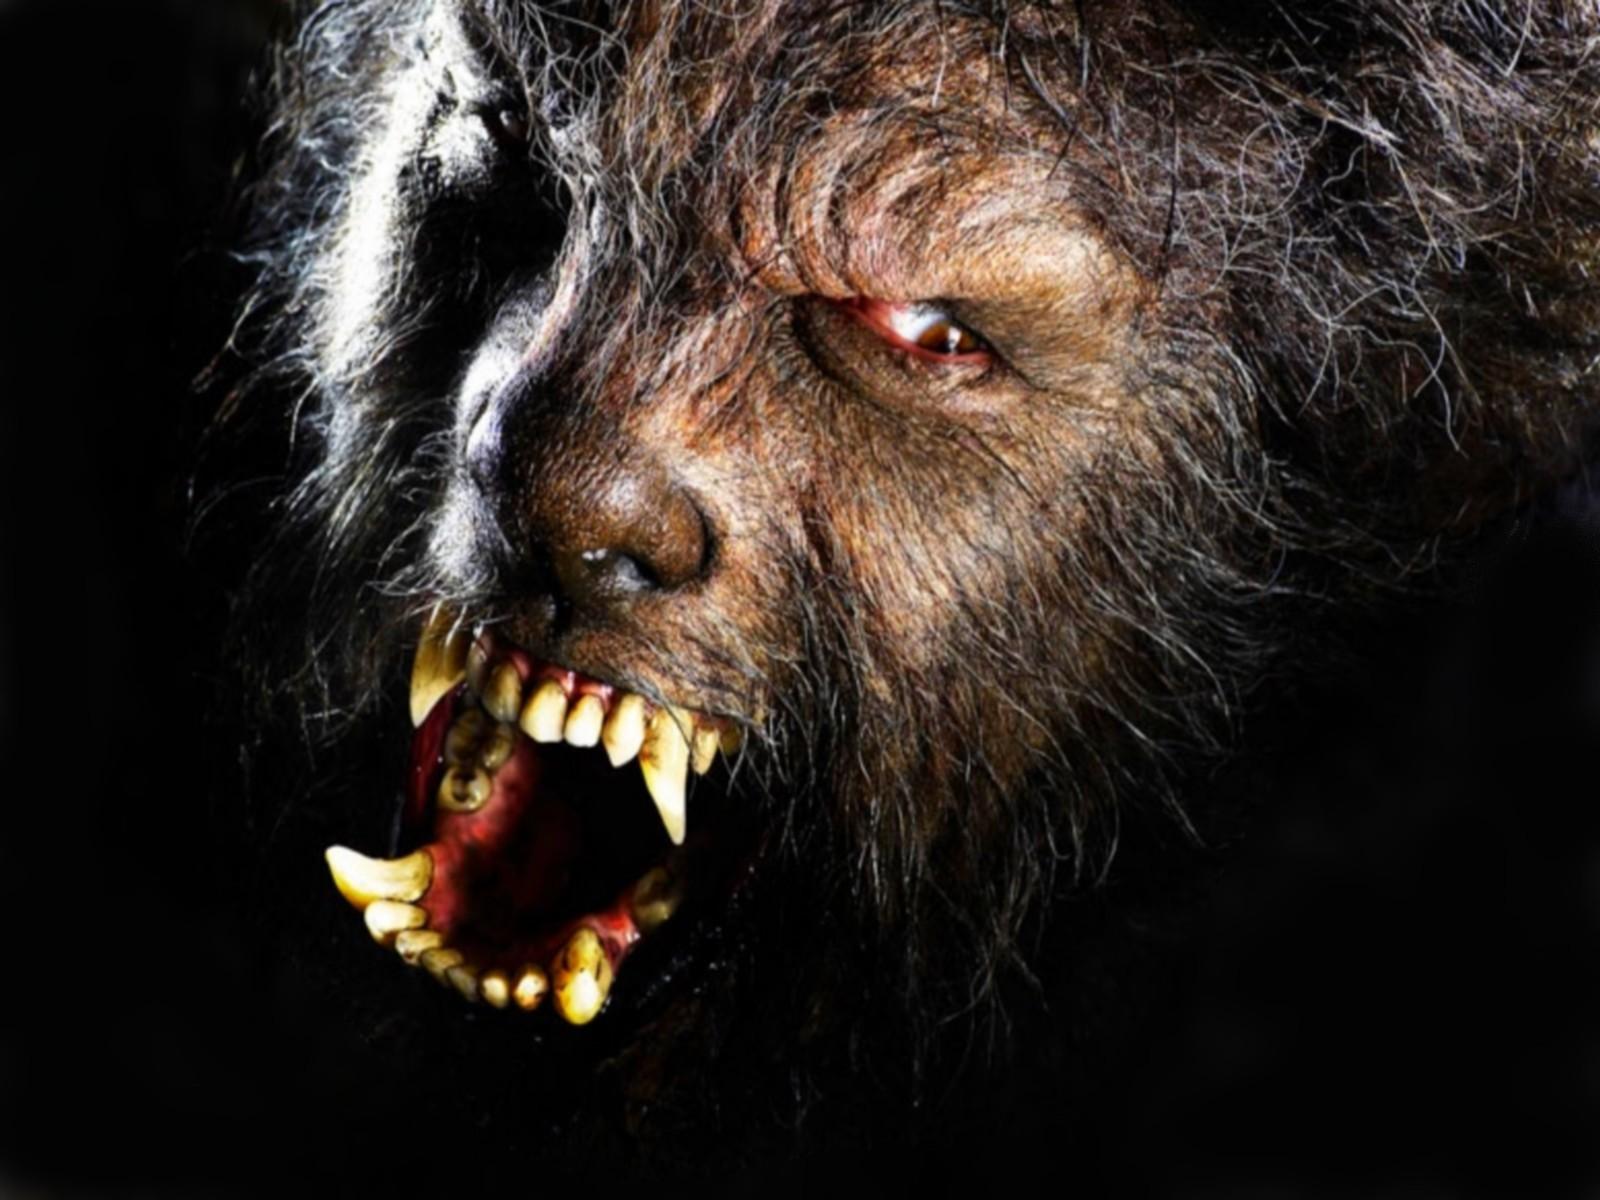 Dark Werewolf Wallpaper 1600x1200 Dark Werewolf 1600x1200